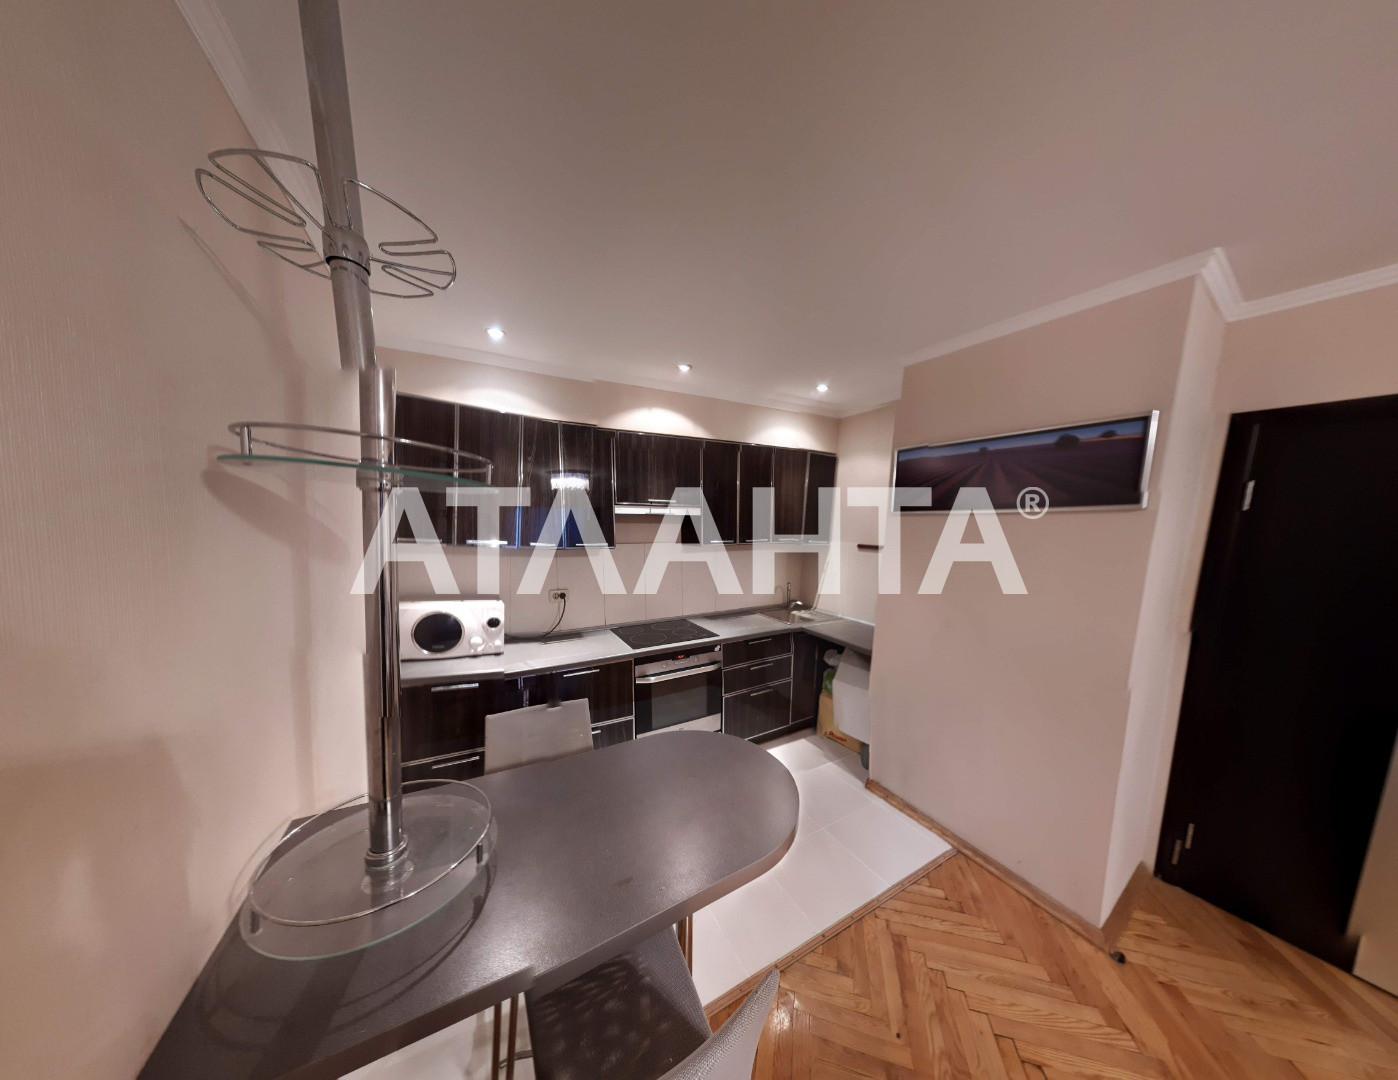 Продается 2-комнатная Квартира на ул. Просп. Голосеевский (40-Летия Октября) — 68 000 у.е. (фото №5)